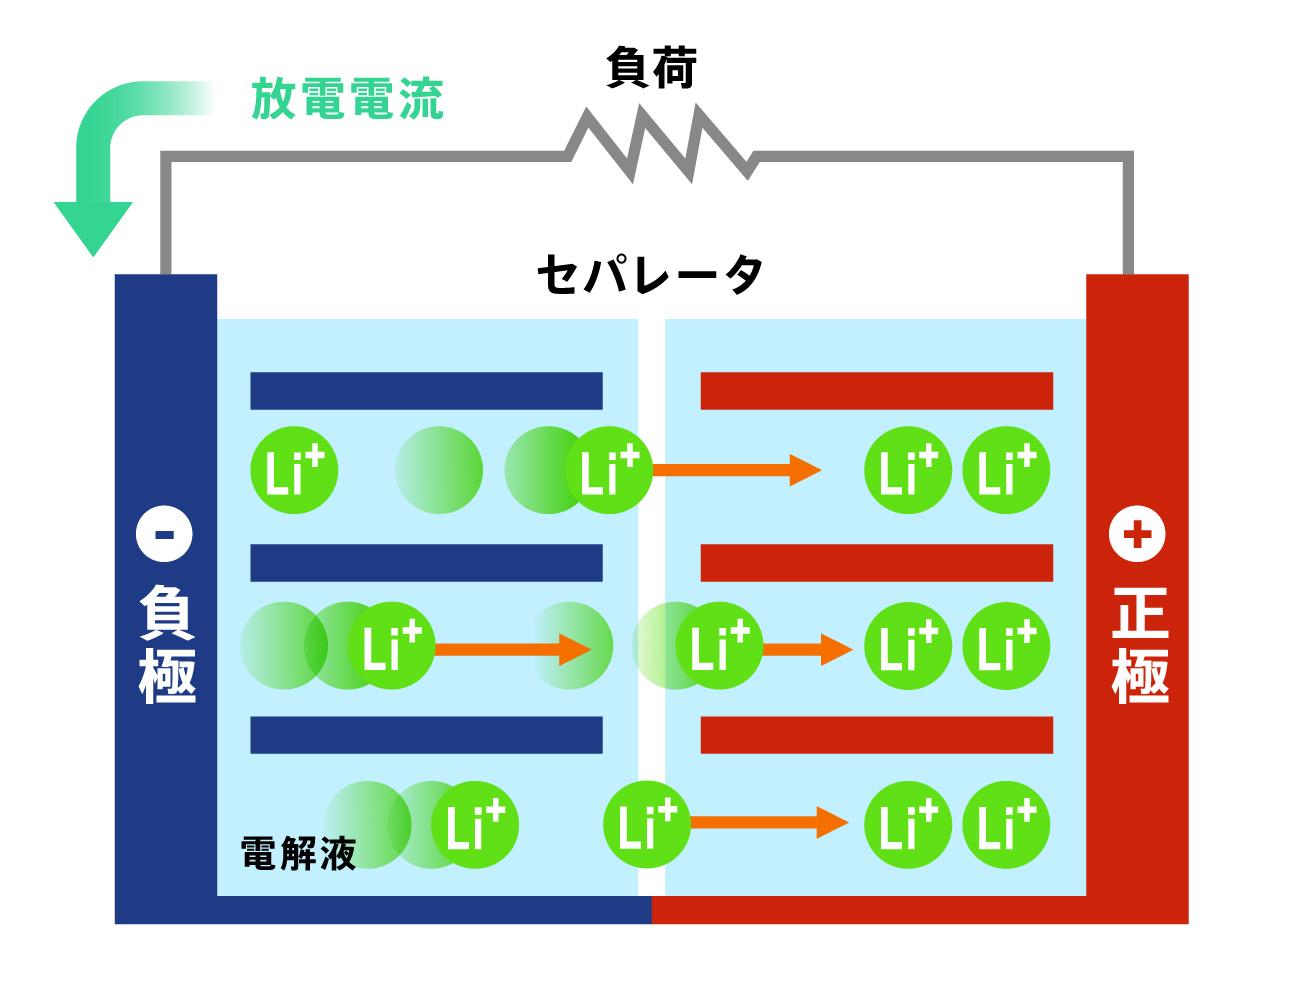 リチウムイオン電池の充電・放電時の流れの図